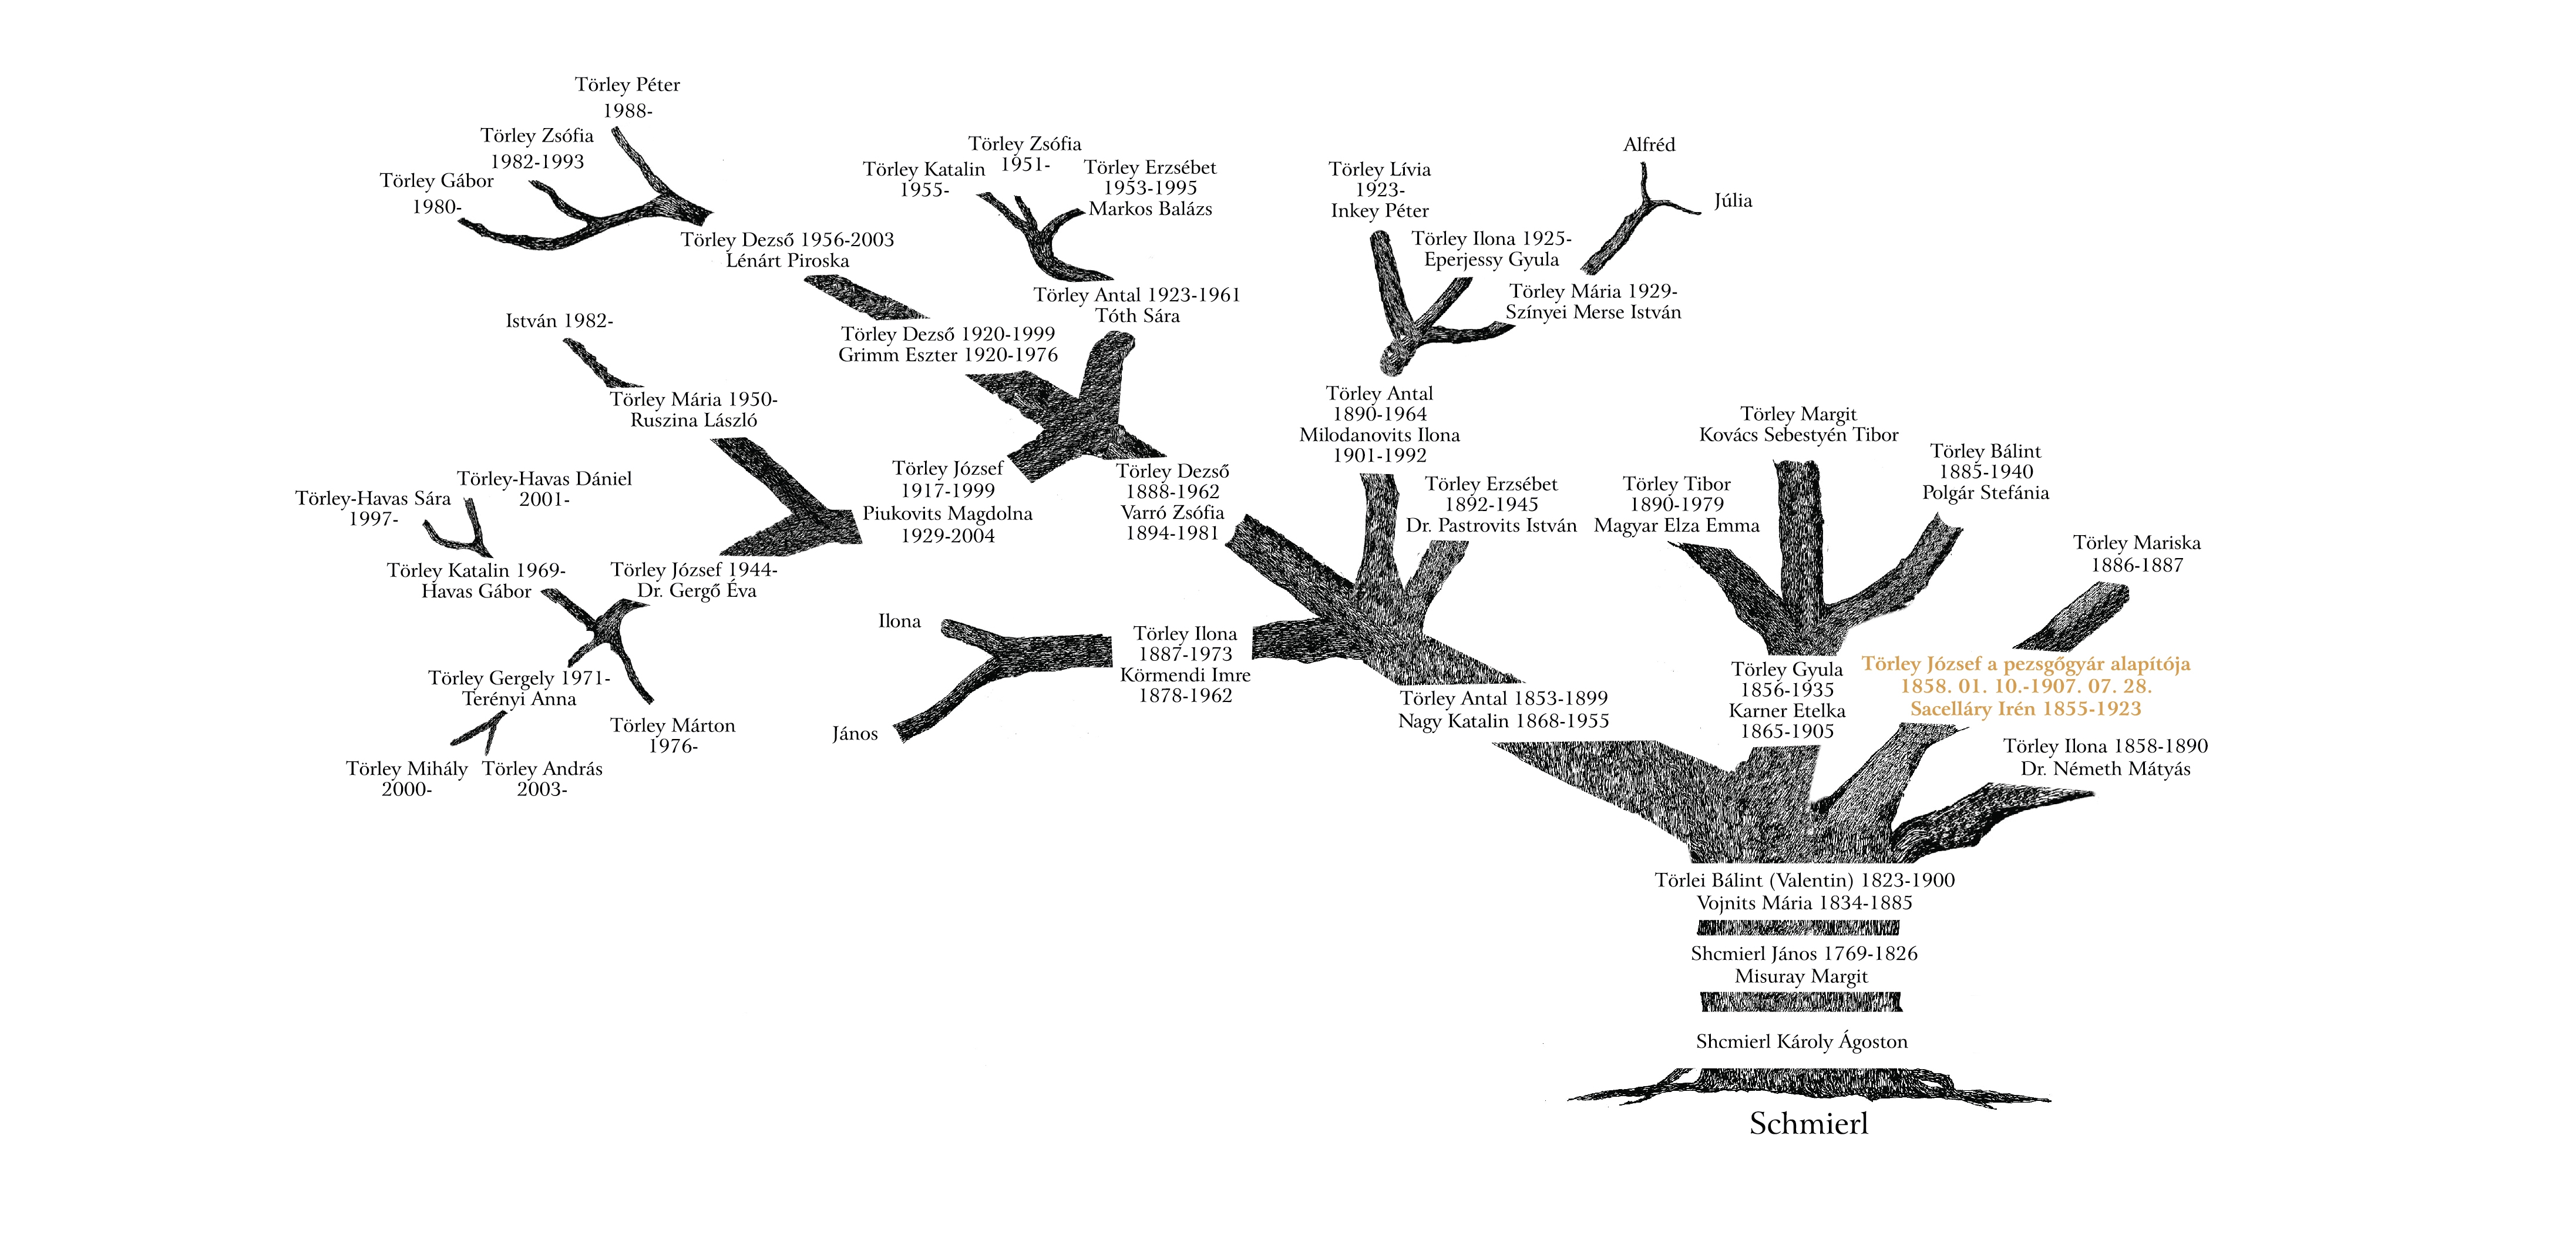 Törley családfa